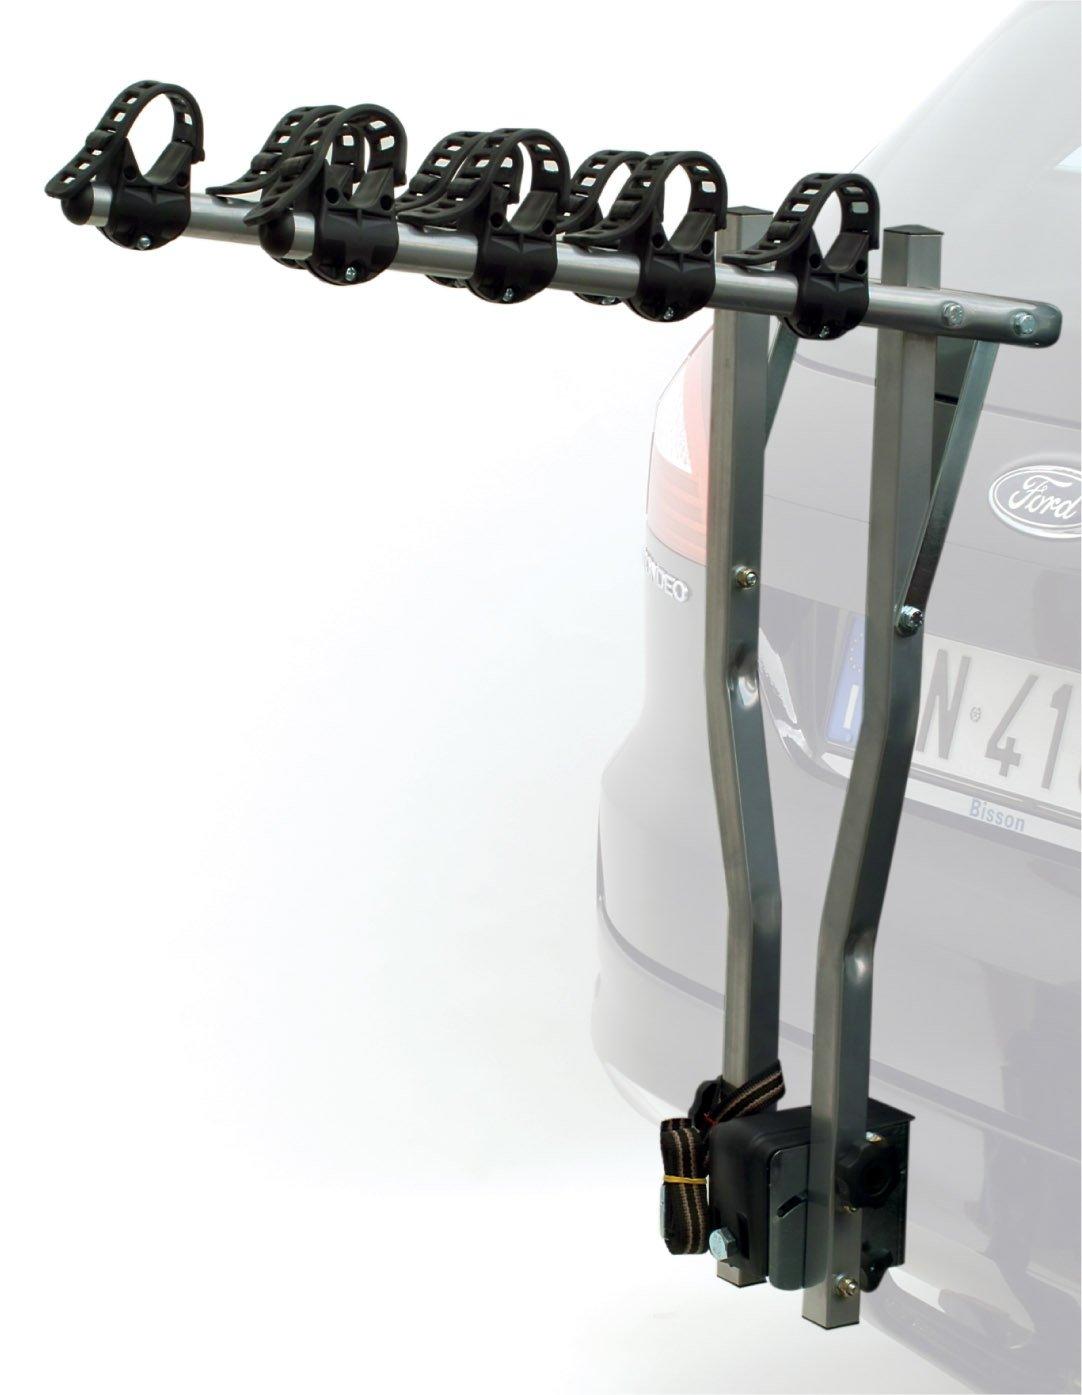 ETC Deluxe Porte-vélos pour voiture Argenté Capacité 4vélos ERR027